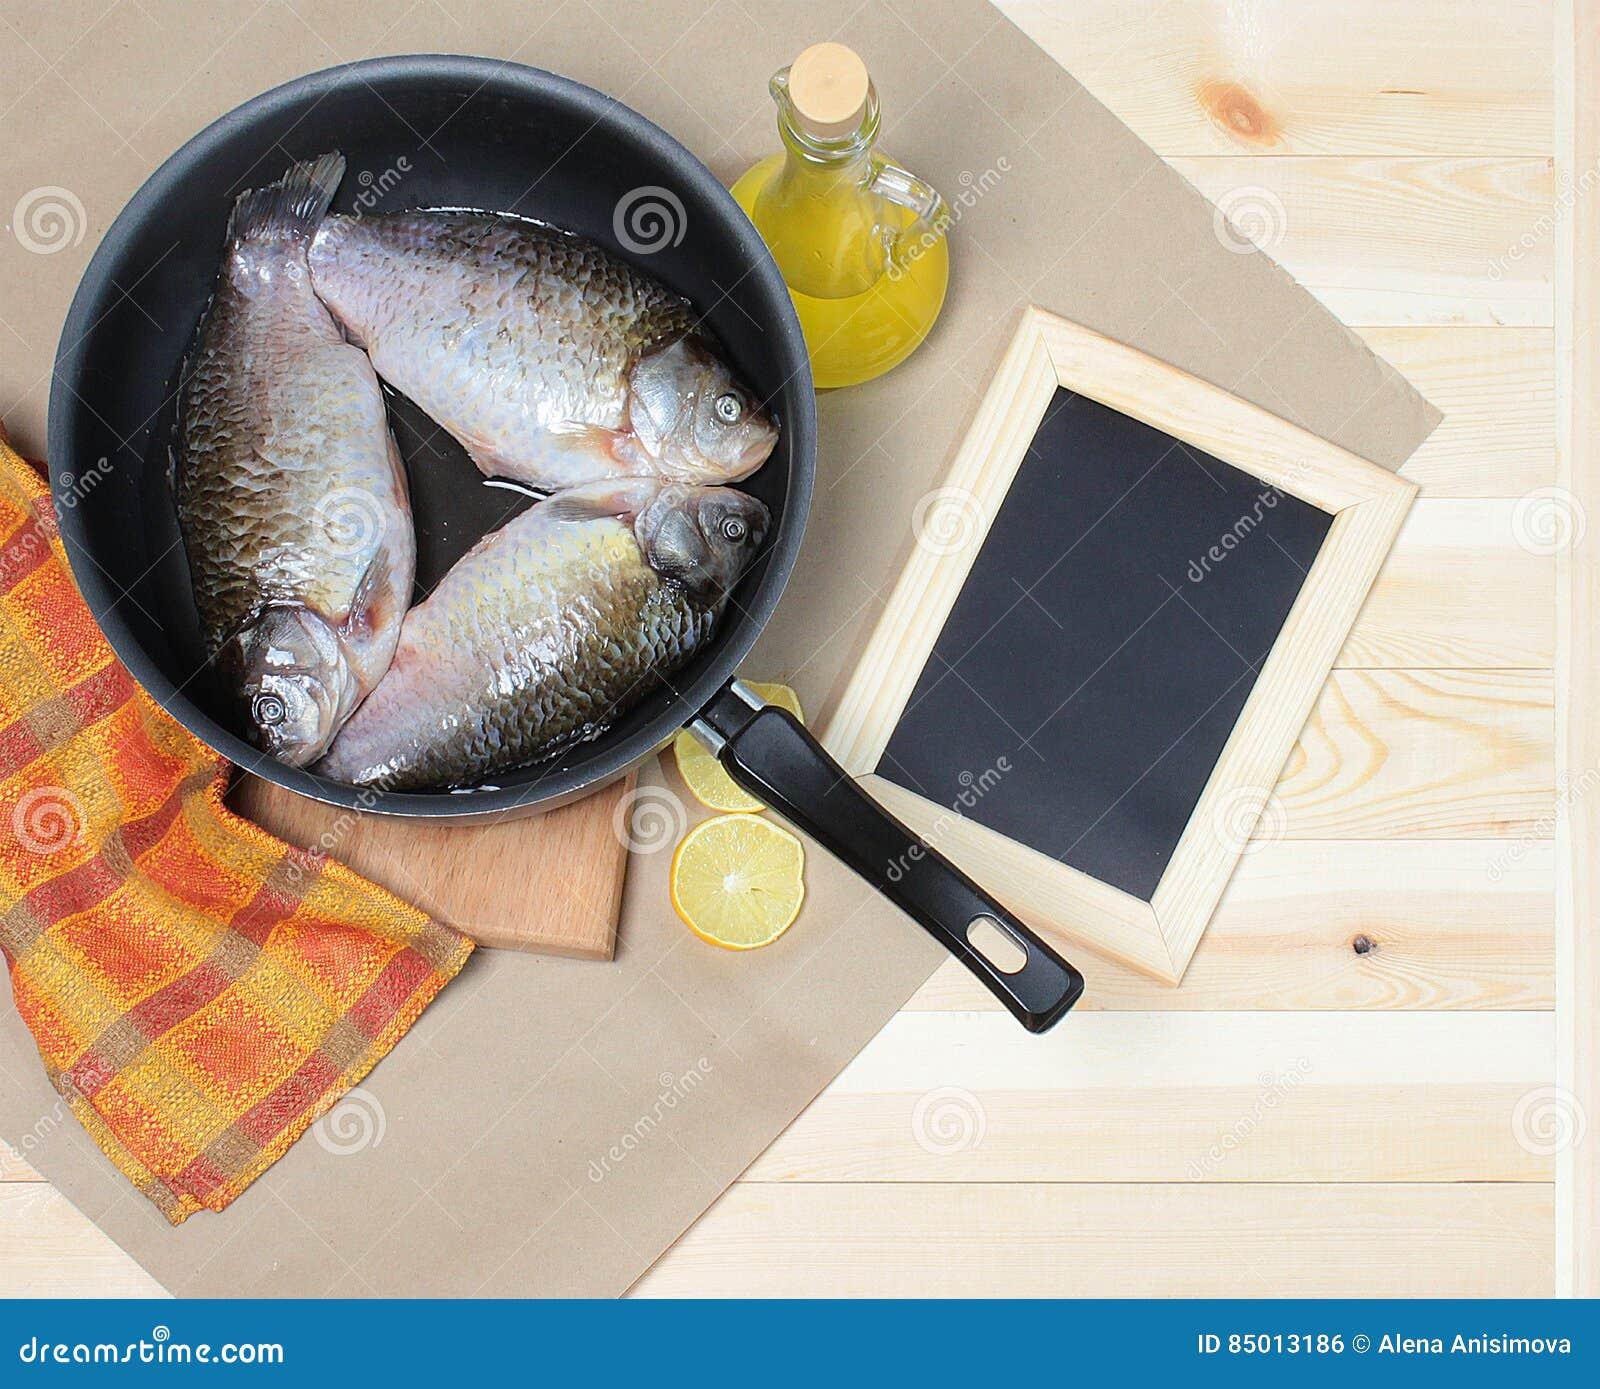 Carpa en el sartén con el aceite vegetal y el limón en el papel de Kraft, al lado de la pizarra